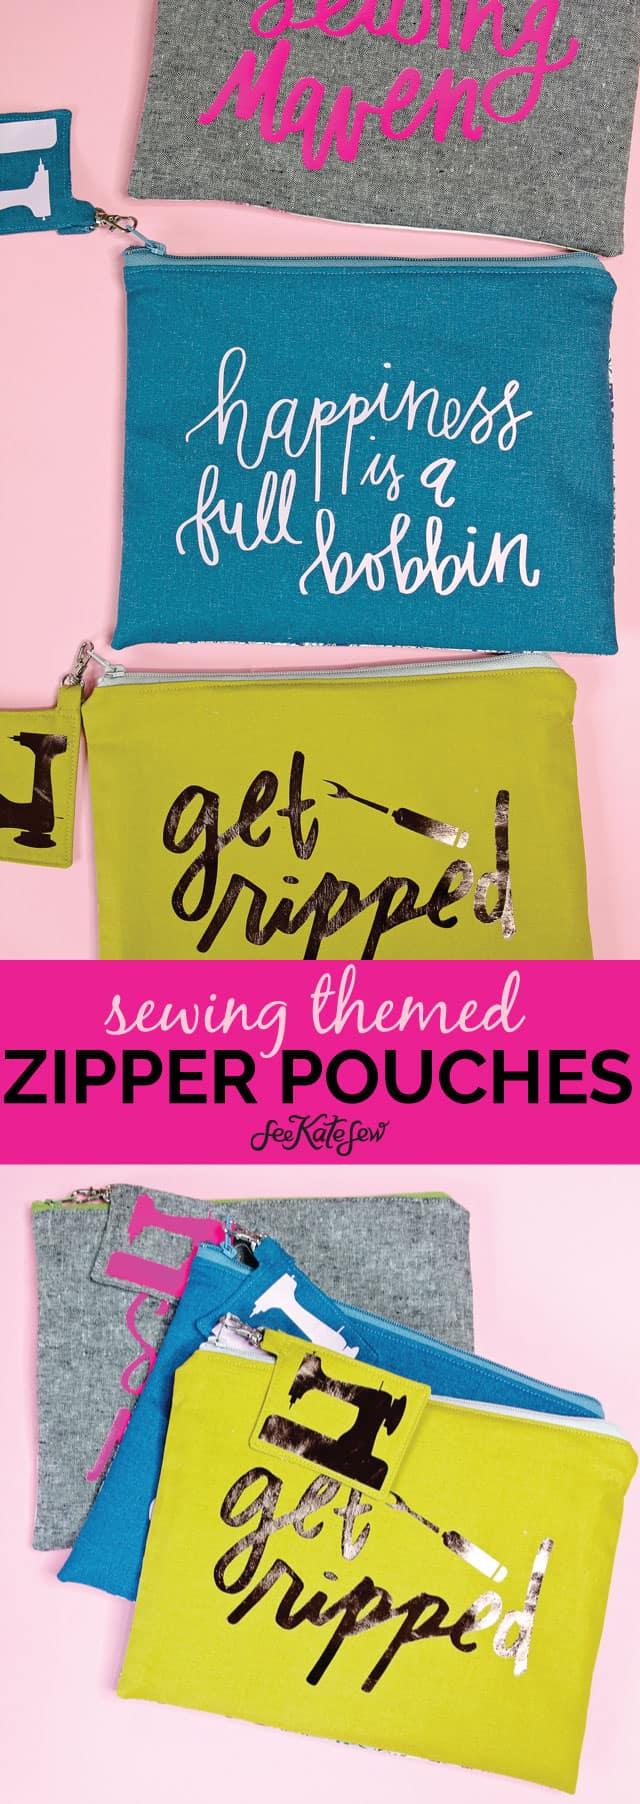 https://seekatesew.com/wp-content/uploads/2018/03/sewing-themed-zipper-pouches.jpg